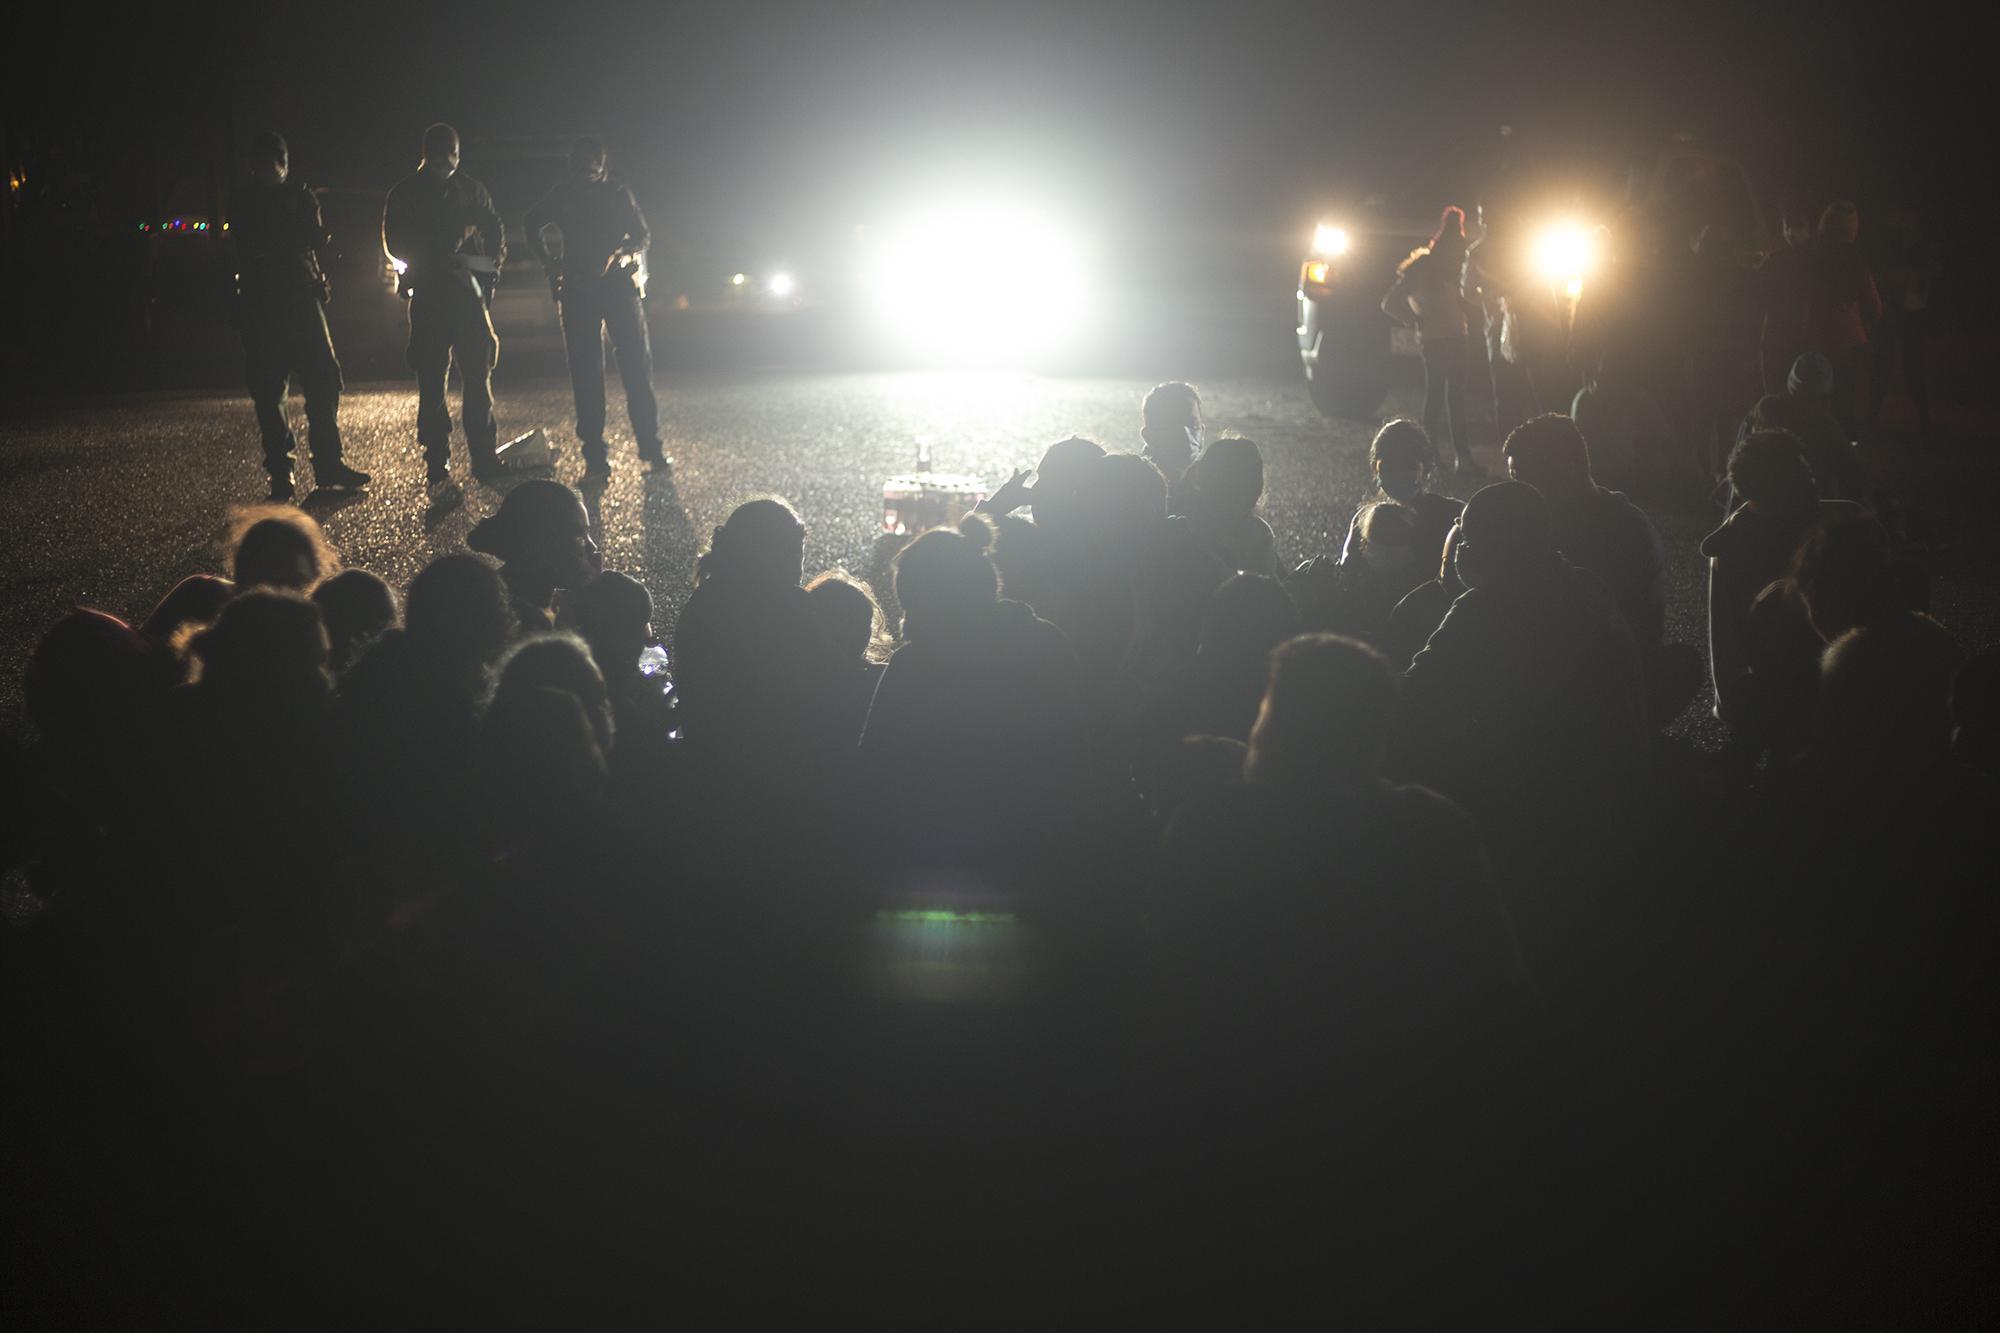 Hay decenas de menores en brazos de sus padres. Un numeroso grupo espera sentado sobre el polvo para hacer el registro formal con las autoridades, en Roma, Texas. Algunos vecinos de la ciudad llegan hasta este punto cercano al río para regalar agua y algo de comida a esa multitud que hora tras hora sigue creciendo.